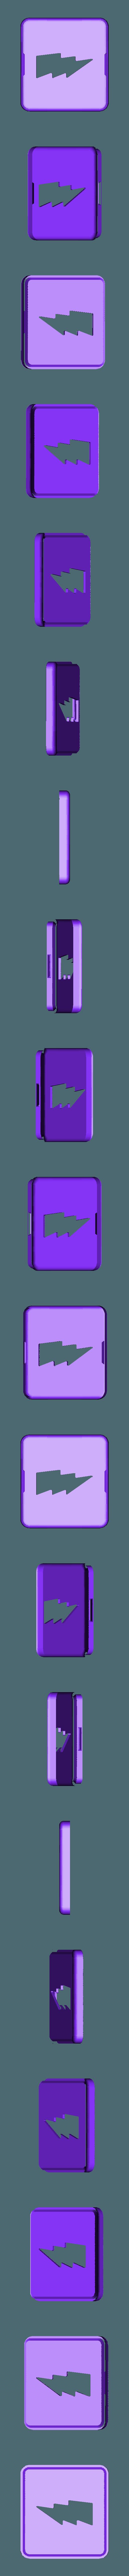 CSS-top-bolt.stl Télécharger fichier STL gratuit Distributeur de soudure à manivelle à main • Objet imprimable en 3D, Adafruit